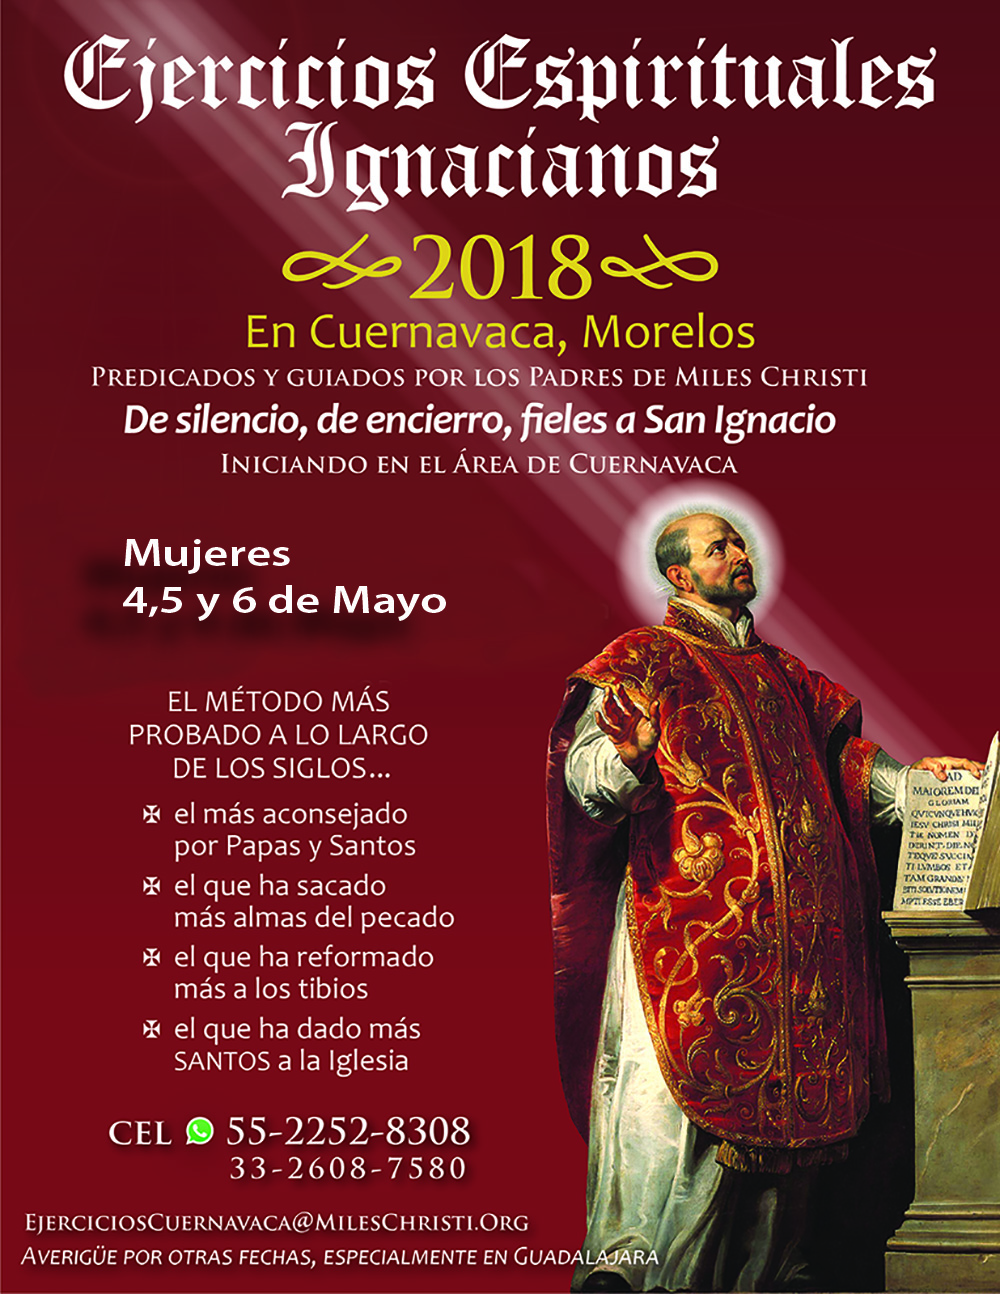 Ejercicios Espirituales Ignacianos Retiros Cuernavaca Mexico 2018